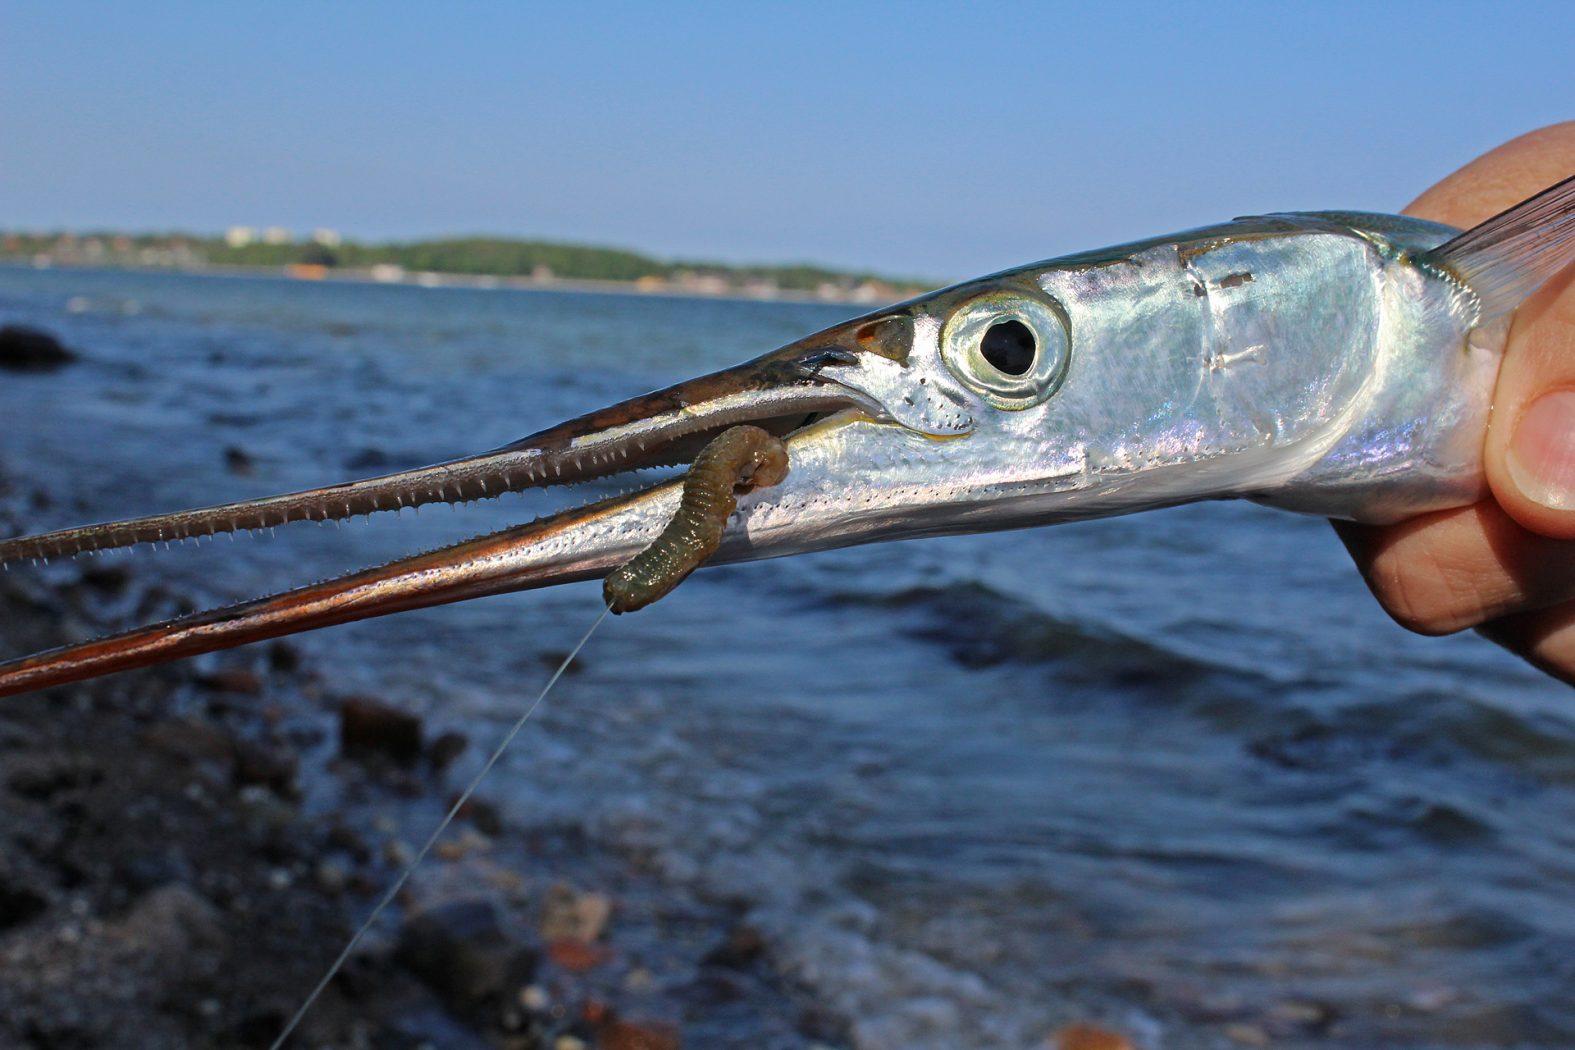 Hornhecht angeln mit Seeringelwurm